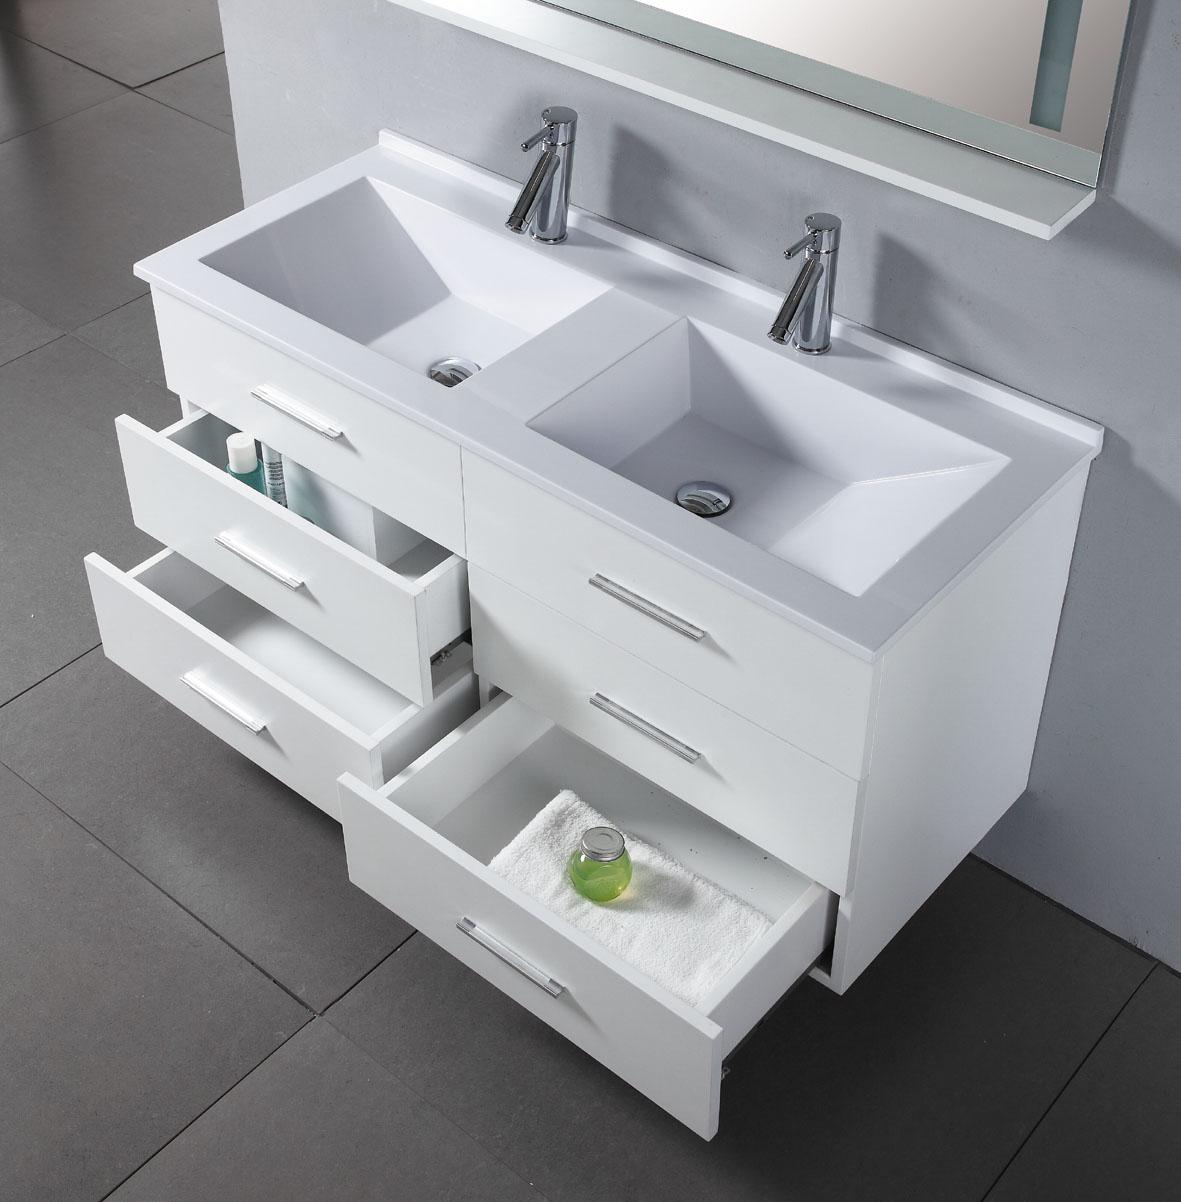 47-inch royal vanity | wall hung vanity | white sink vanity